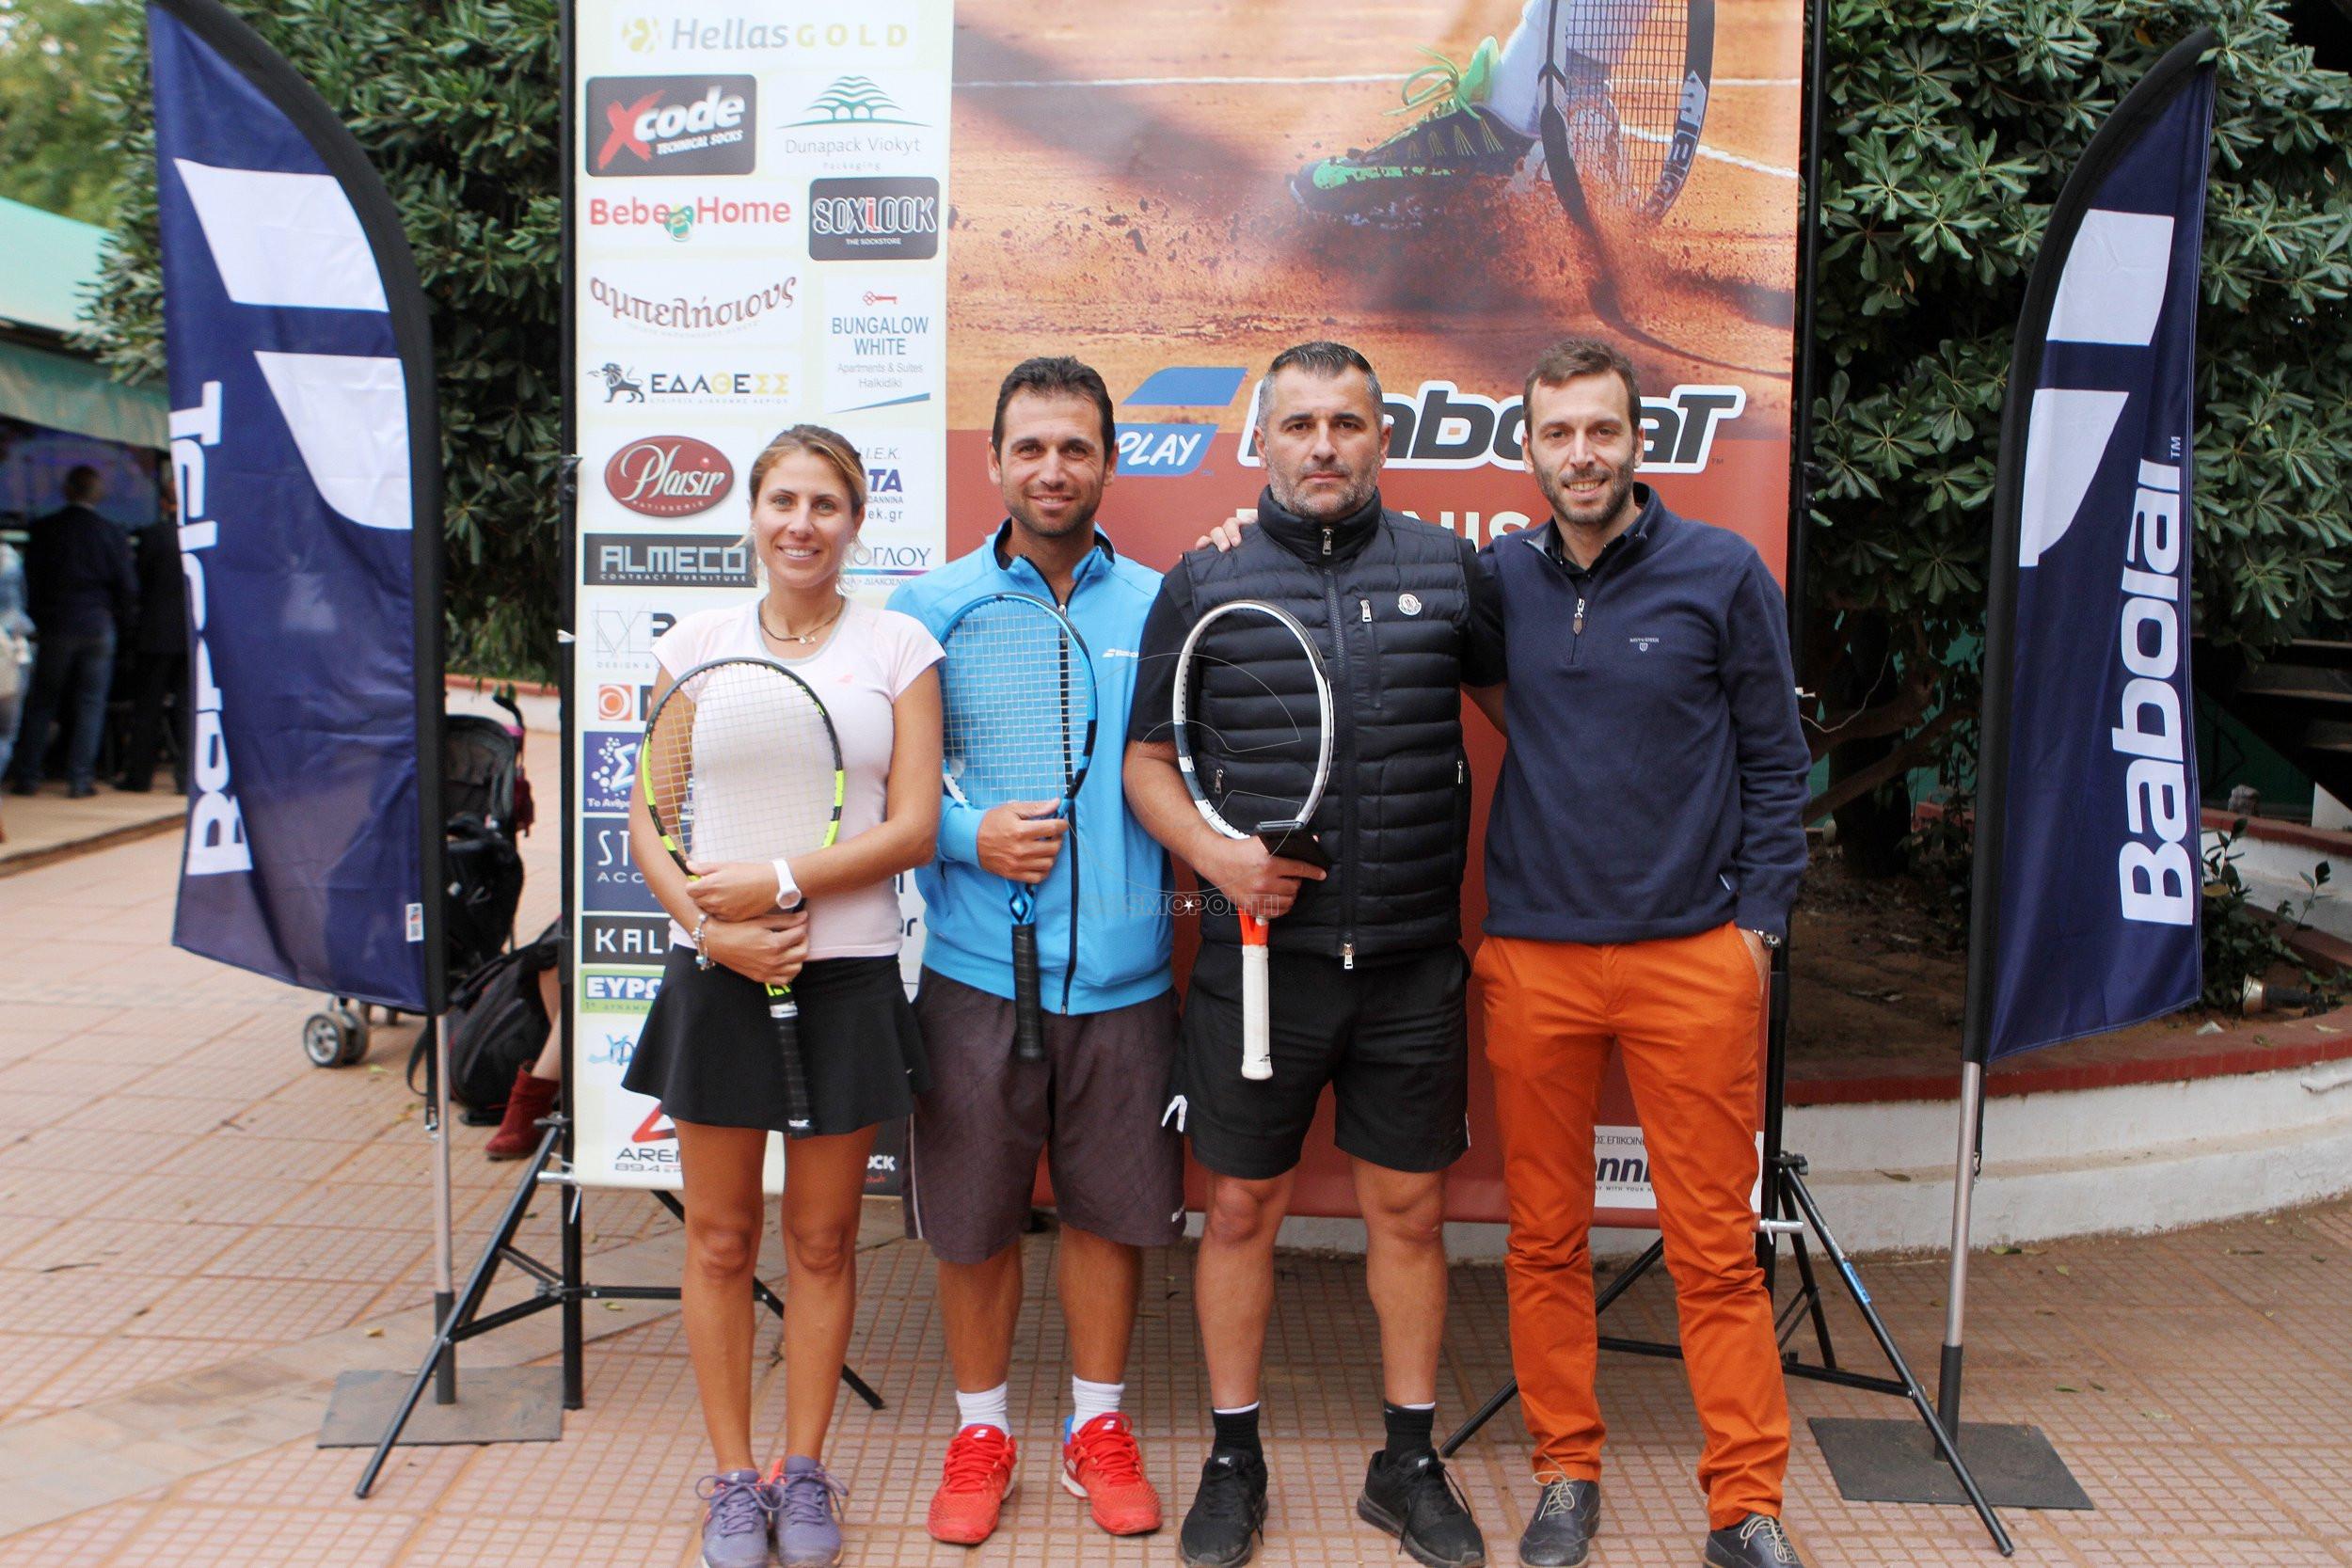 6 Οι αθλητές Κατερίνα Χατζησαββίδου, Σάββας Παναγιωτίδης & Μάριος Μιχαηλίδης με τον Μαρίνο Ταχτσίδη της BABOLAT